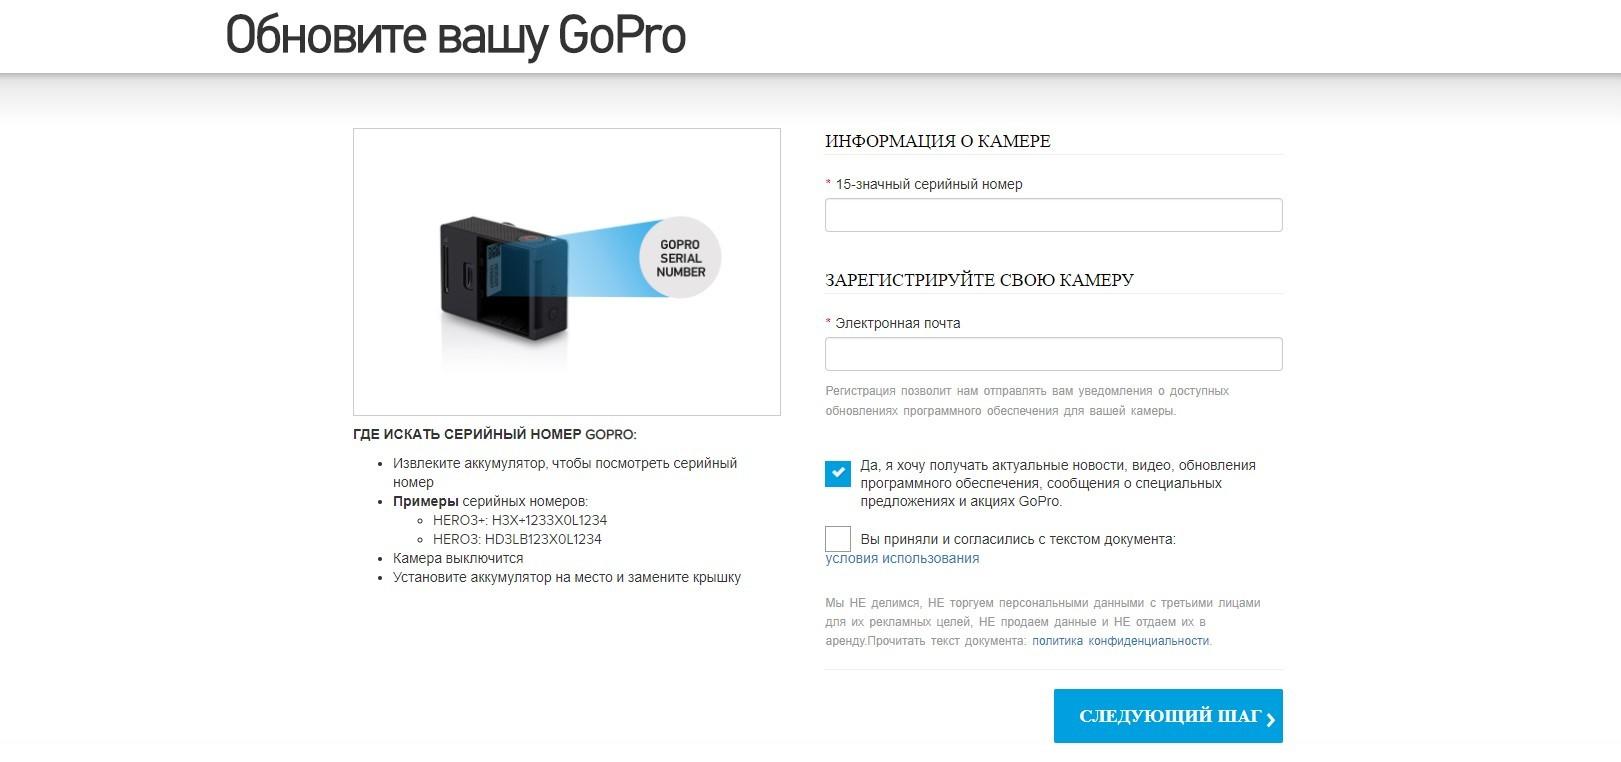 Как сбросить пароль Wi-Fi на GoPro Hero 3 + инструкция для 4 версии